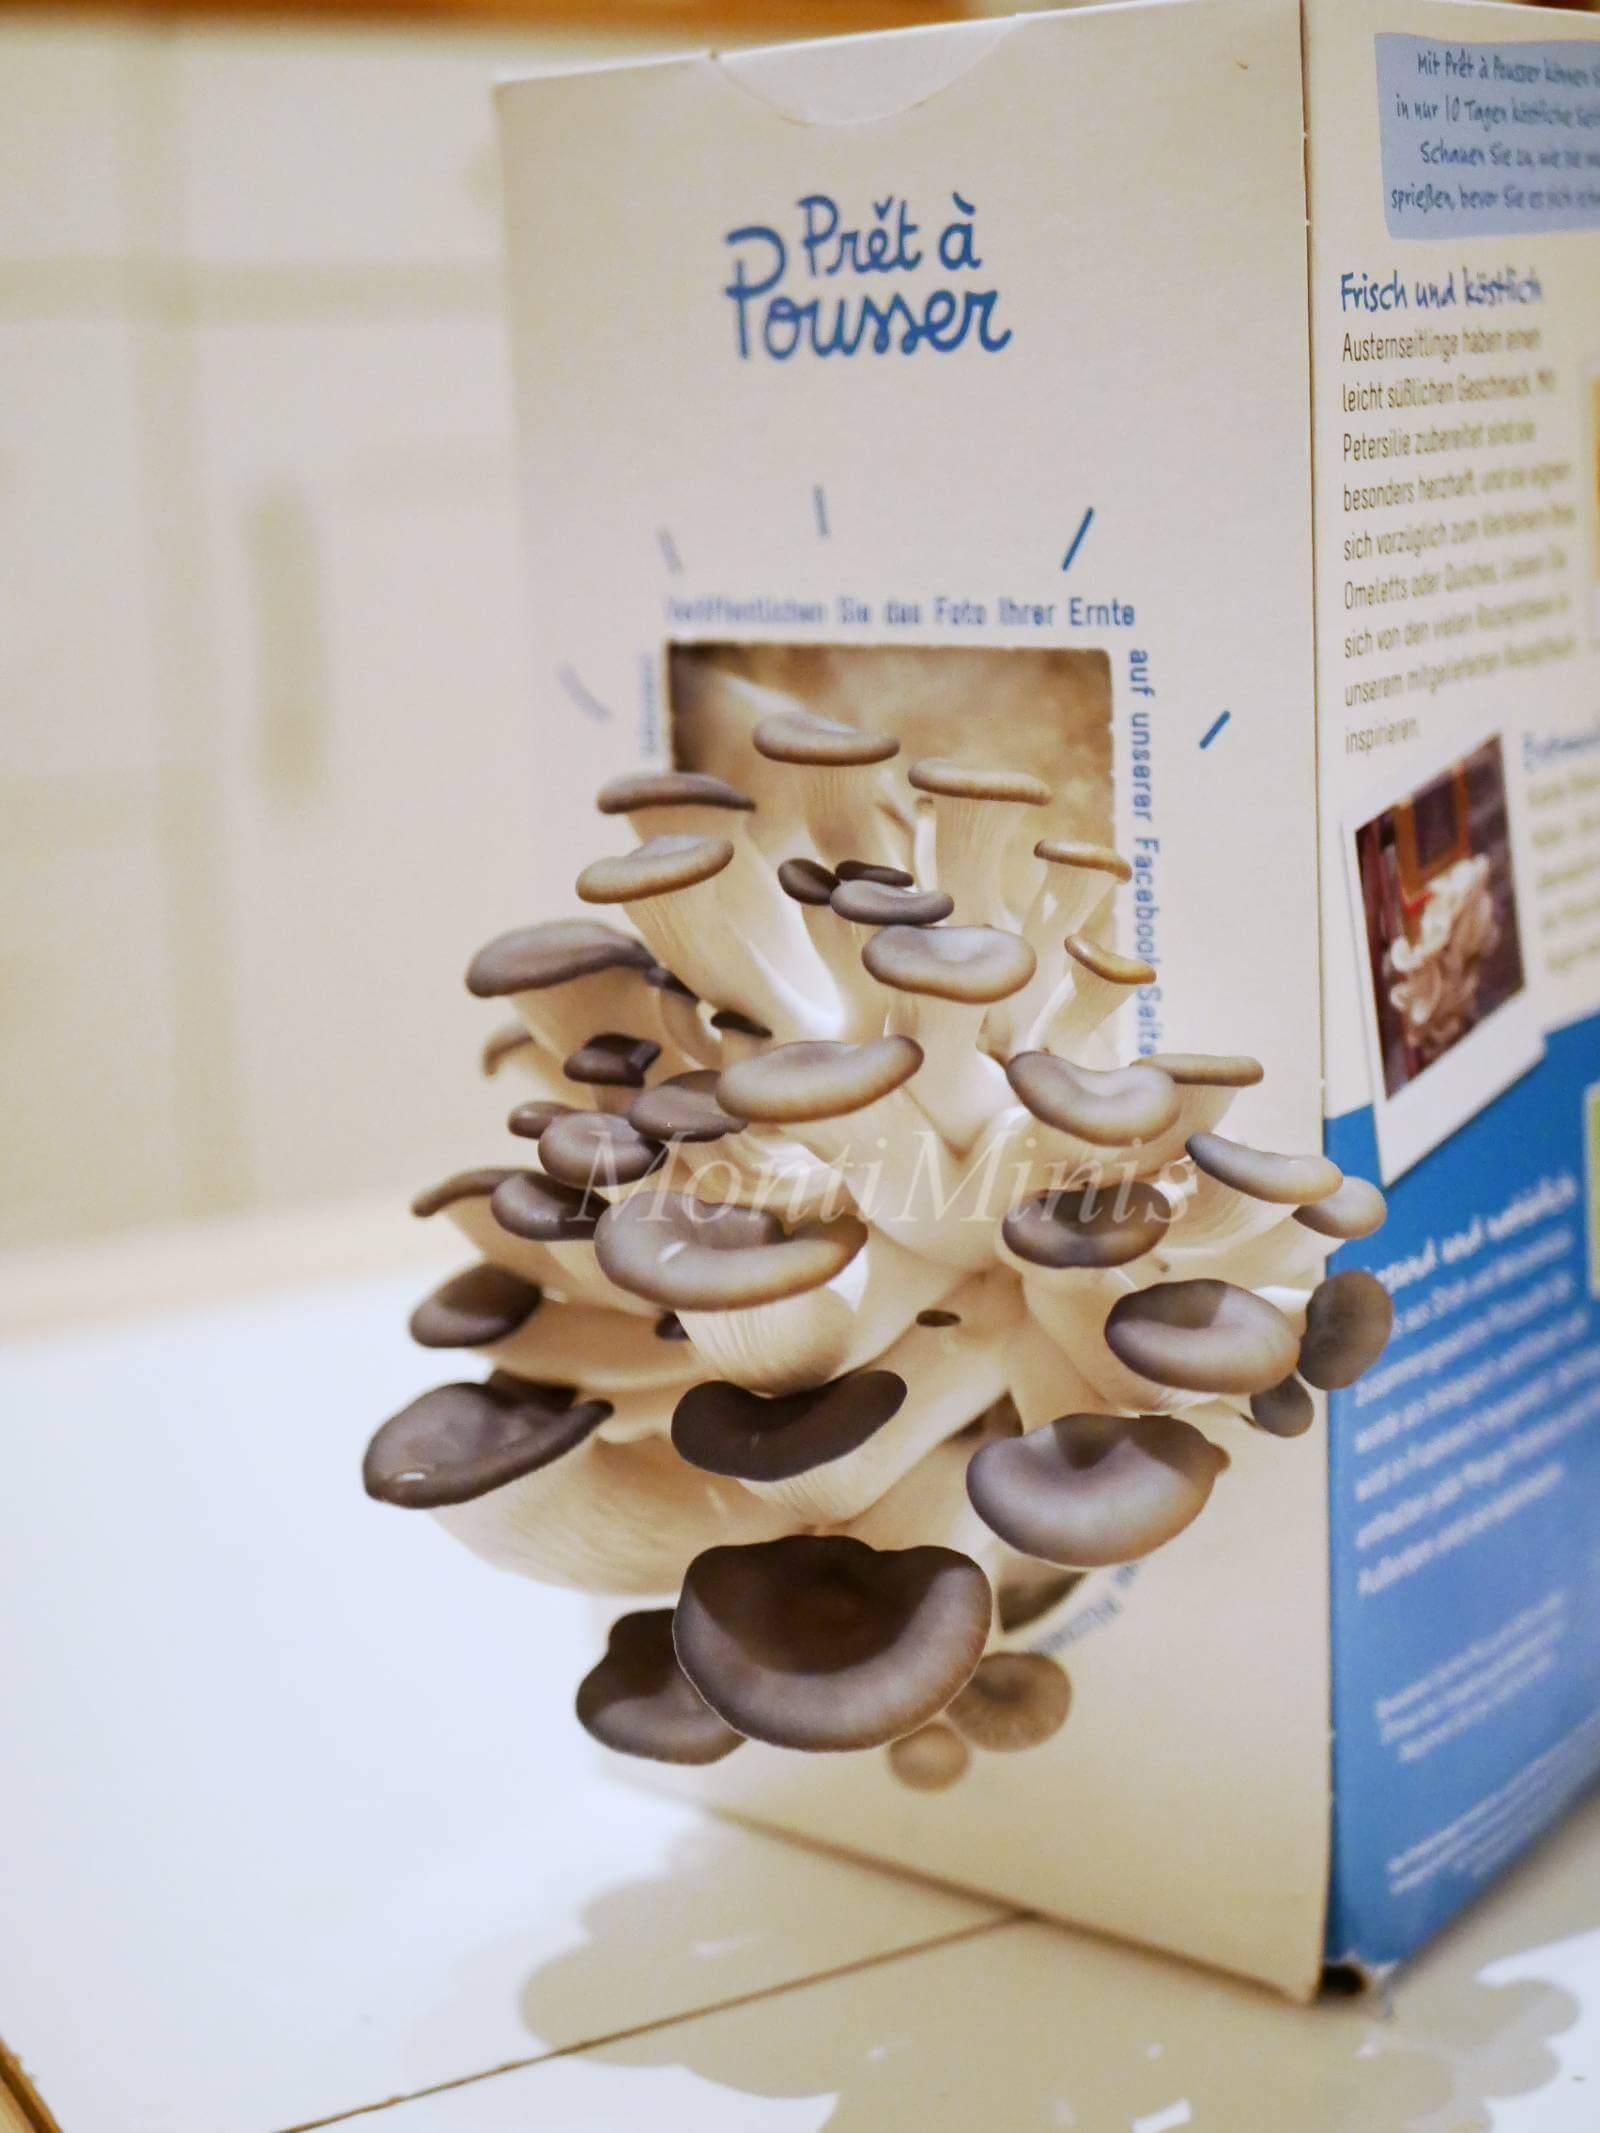 Montessori zu Hause: Pilze züchten - ein einfaches Experiment für Kinder. Selbst Pilze anbauen. Pilzzucht Set. Pilzpaket | MontiMinis.com